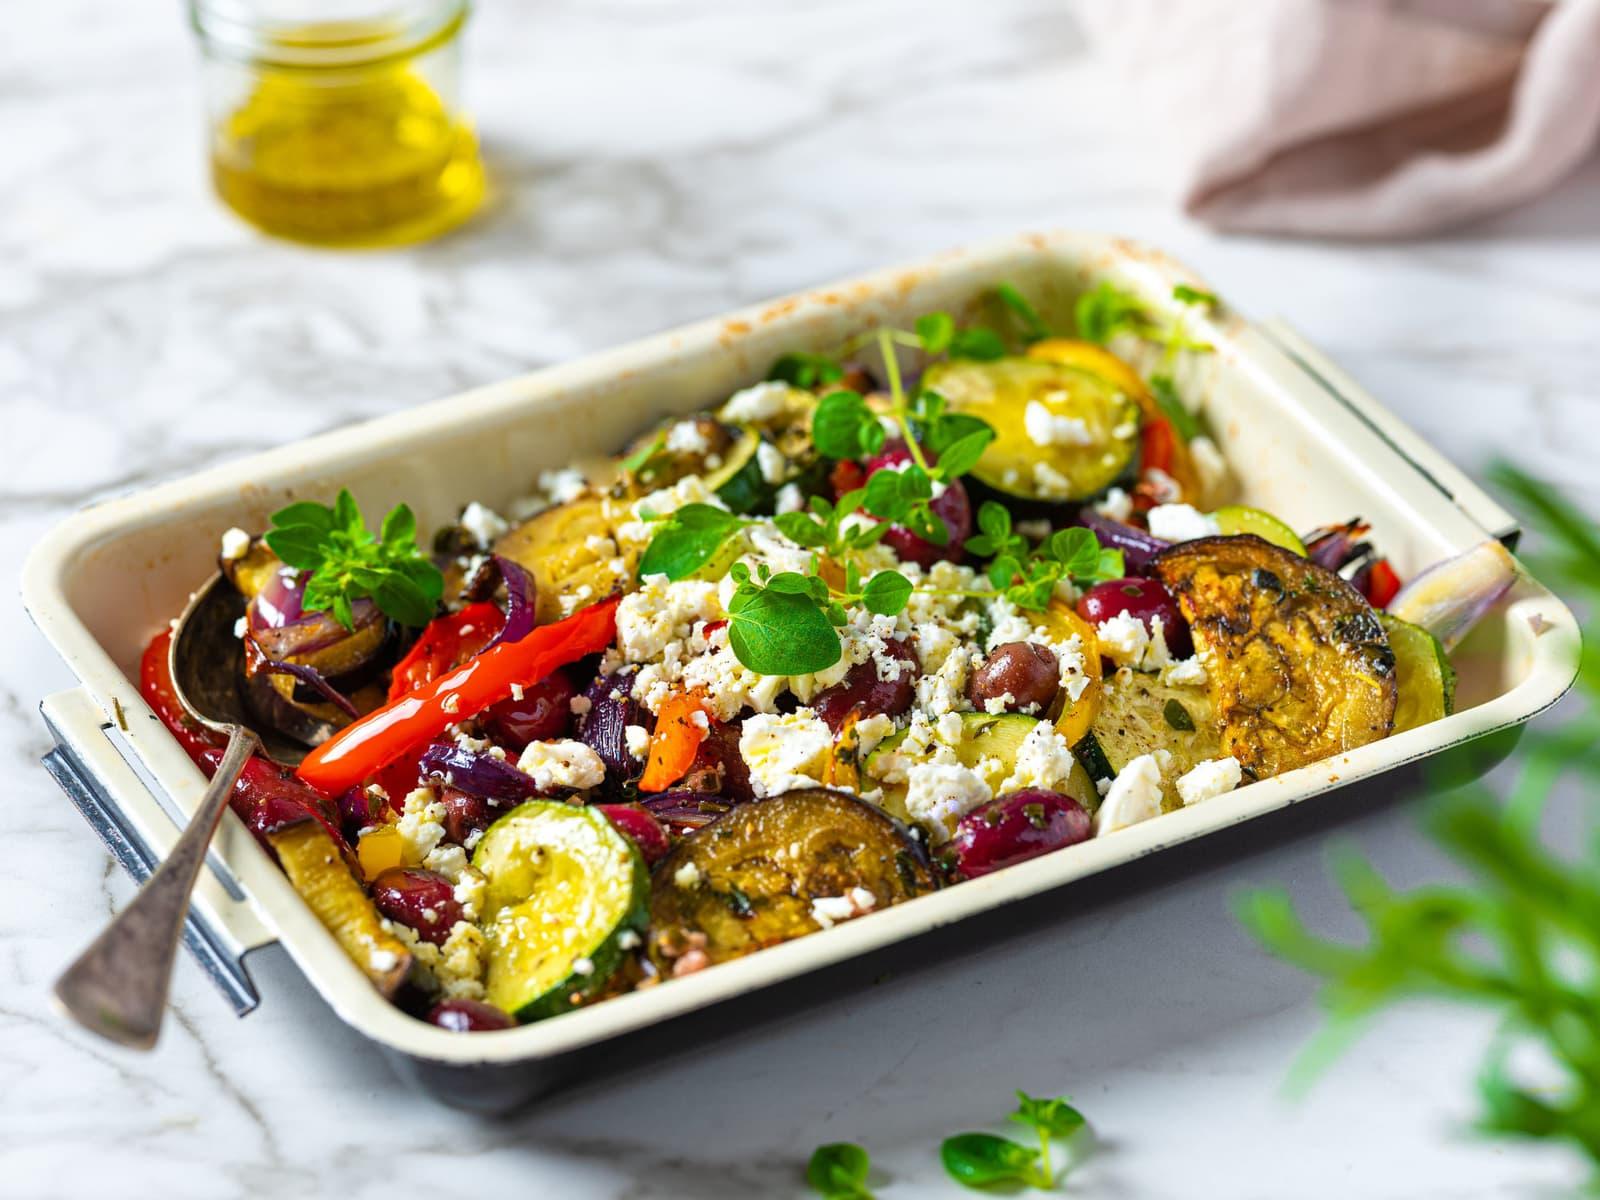 Ovnsbakte middelhavsgrønnsaker